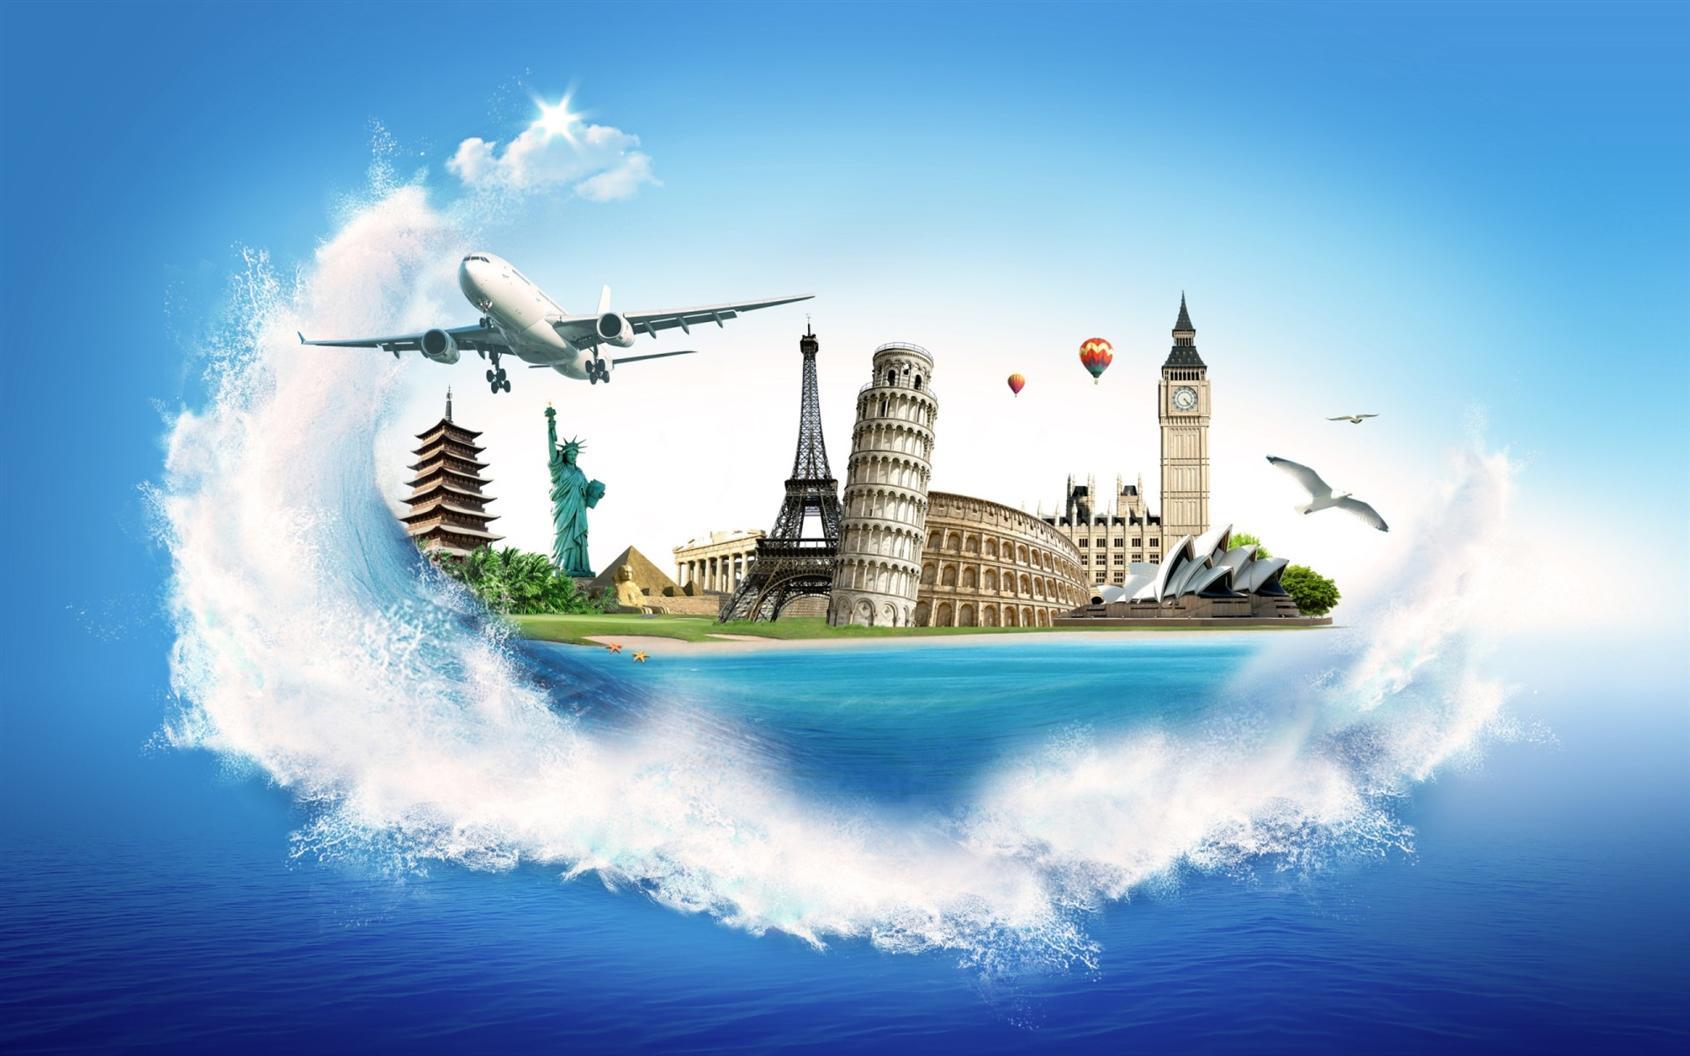 goedkope reisverzekeringen,beste reisverzekering